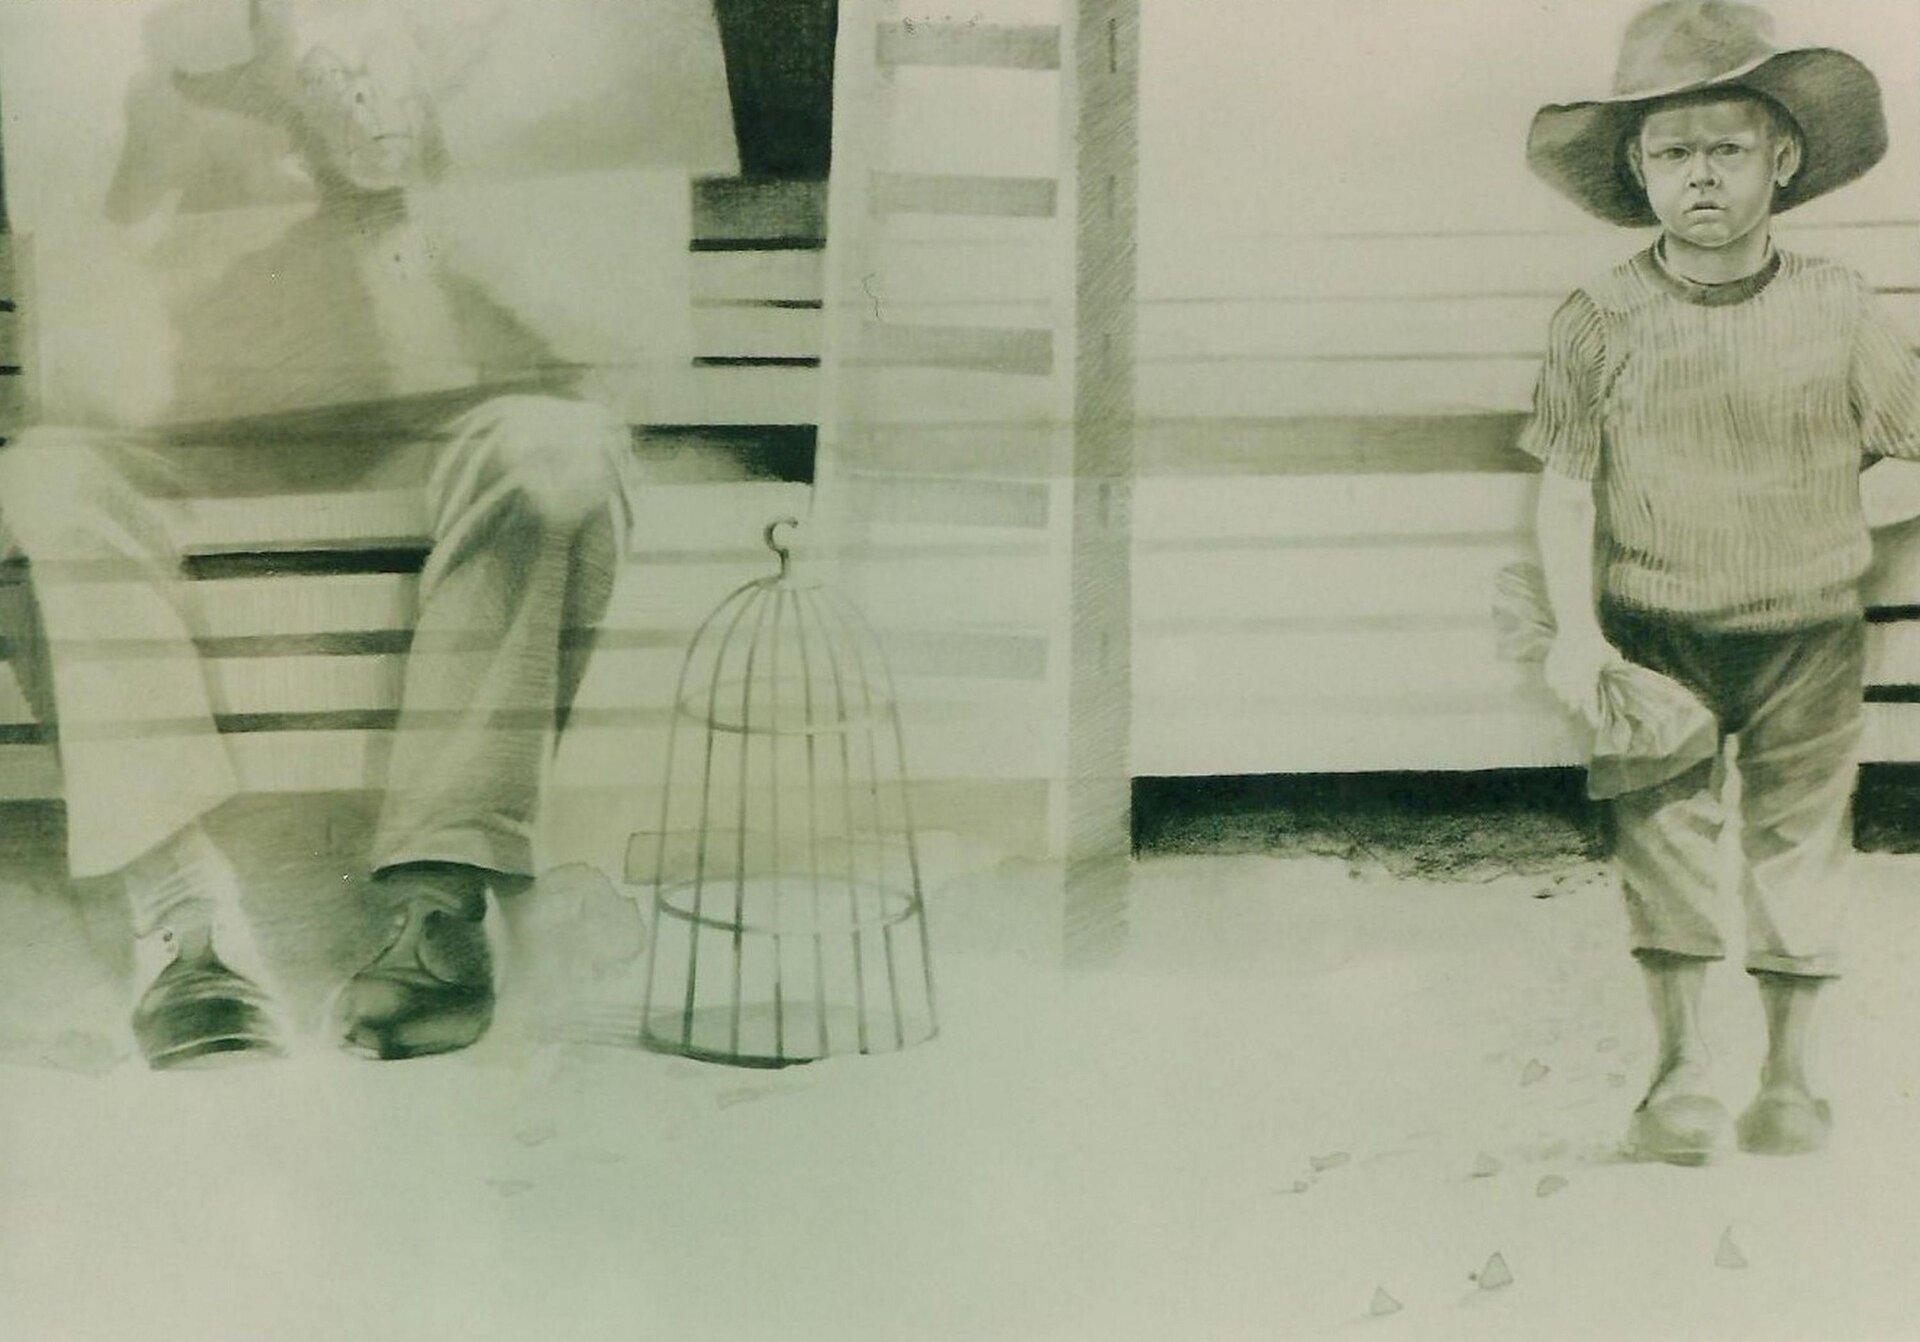 """Ilustracja przedstawiająca rysunek Marka Szarego pt. """"Marzyciel"""". Ilustracja przedstawia chłopca wkowbojskim kapeluszu. Obok niego stoi klatka dla ptaków oraz siedzi mężczyzna."""